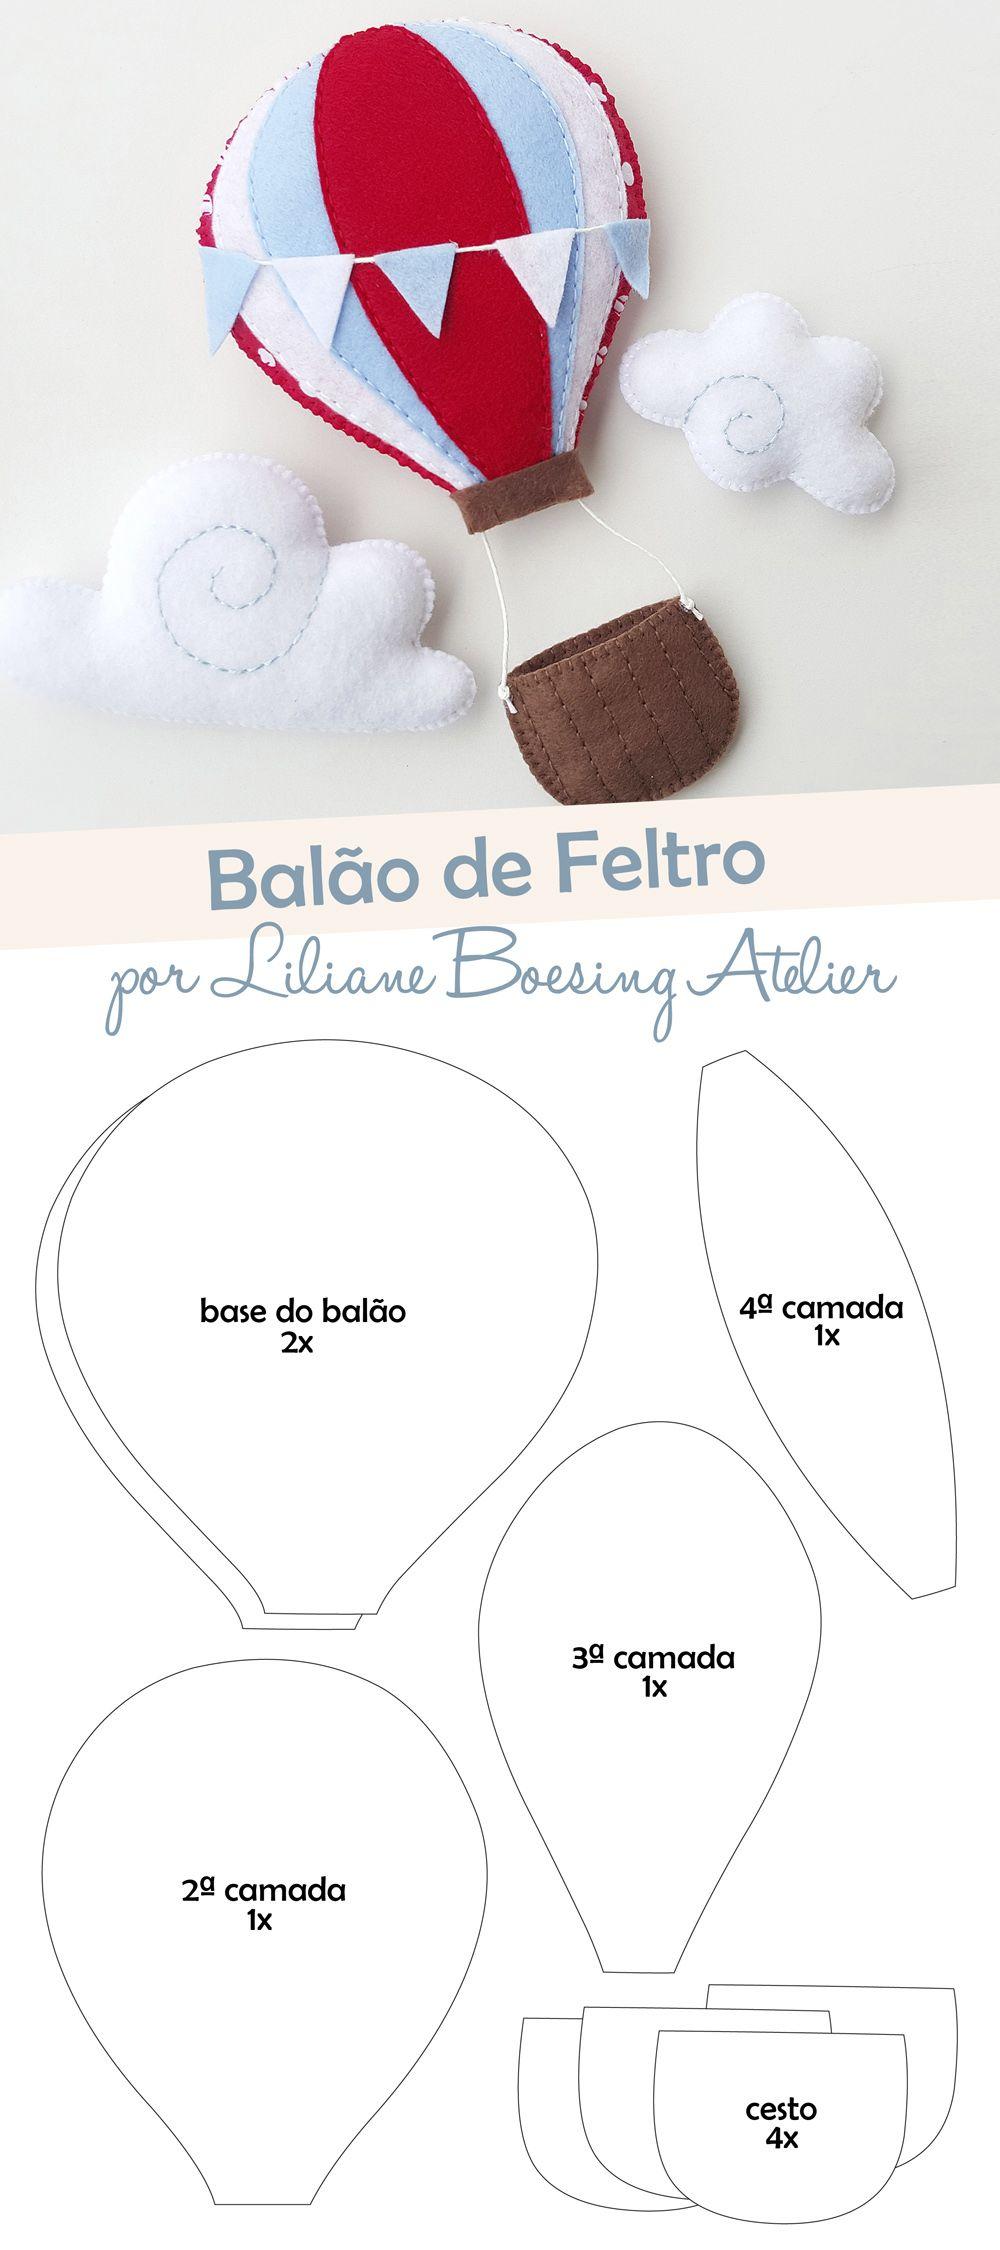 Molde Balao De Ar Quente De Feltro Liliane Boesing Atelier Com